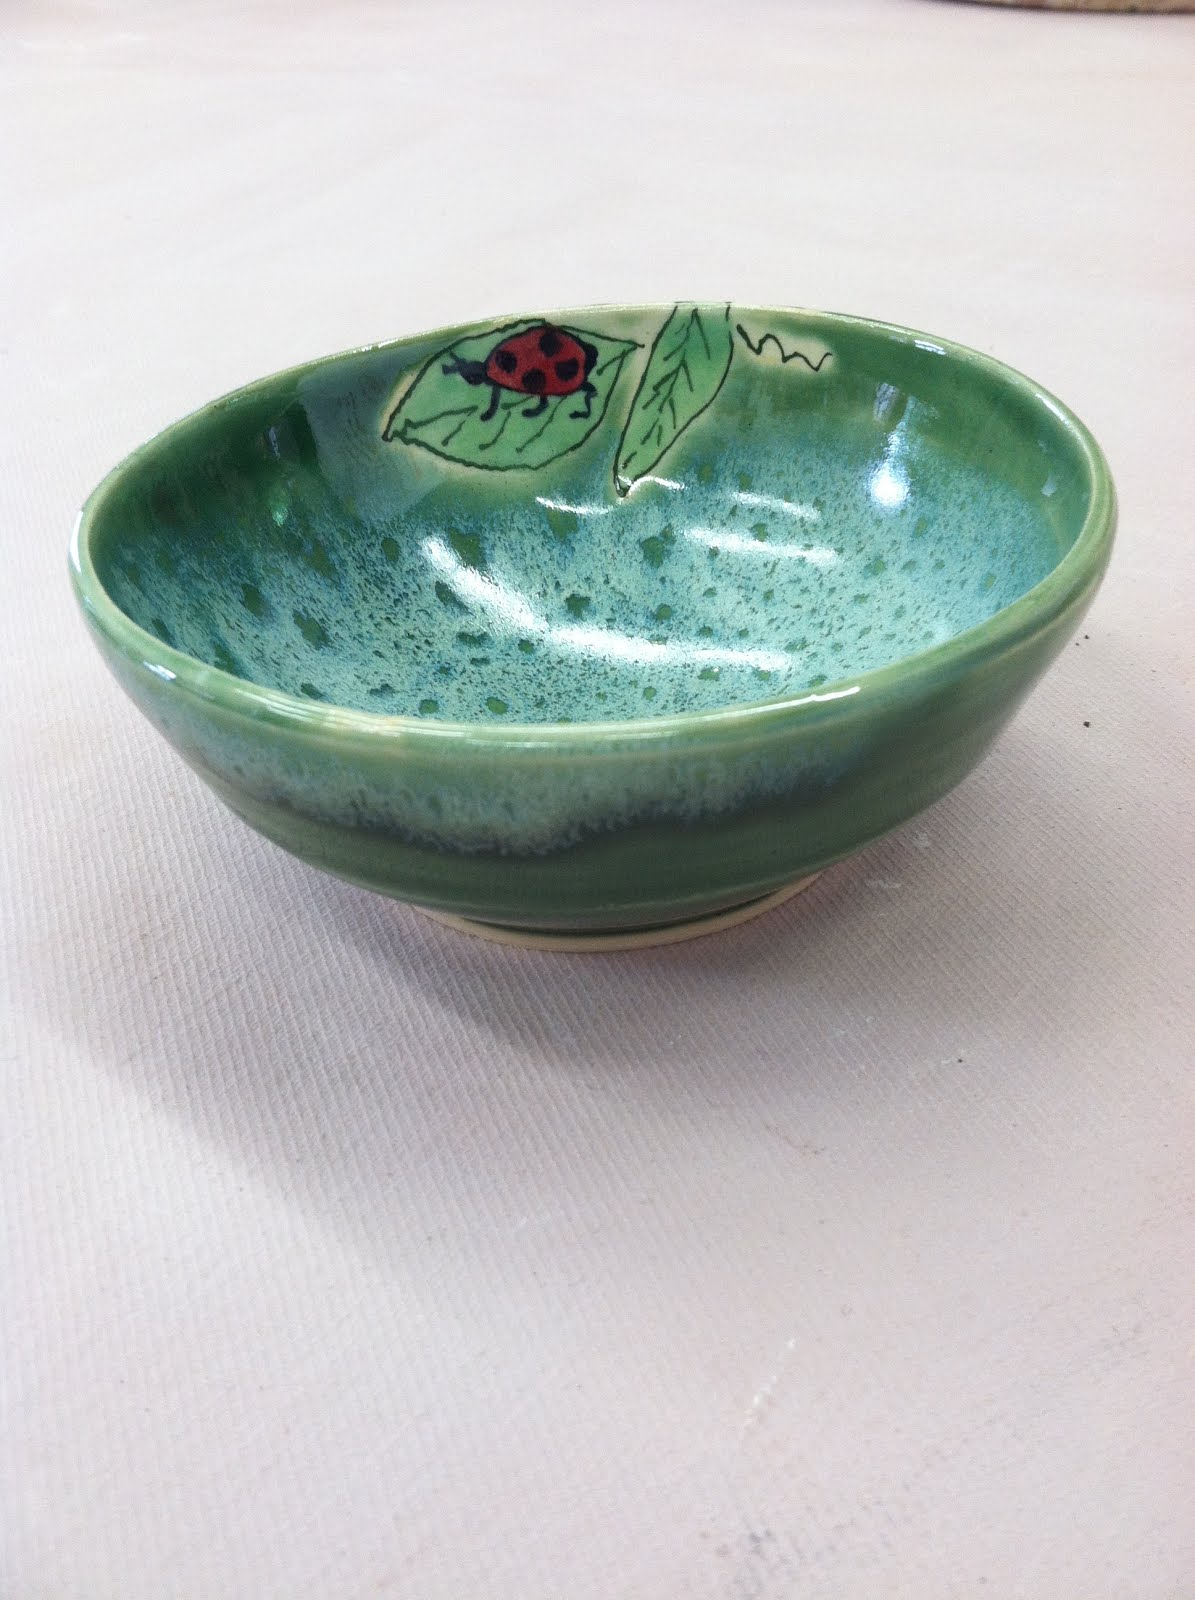 Ladybug bowl